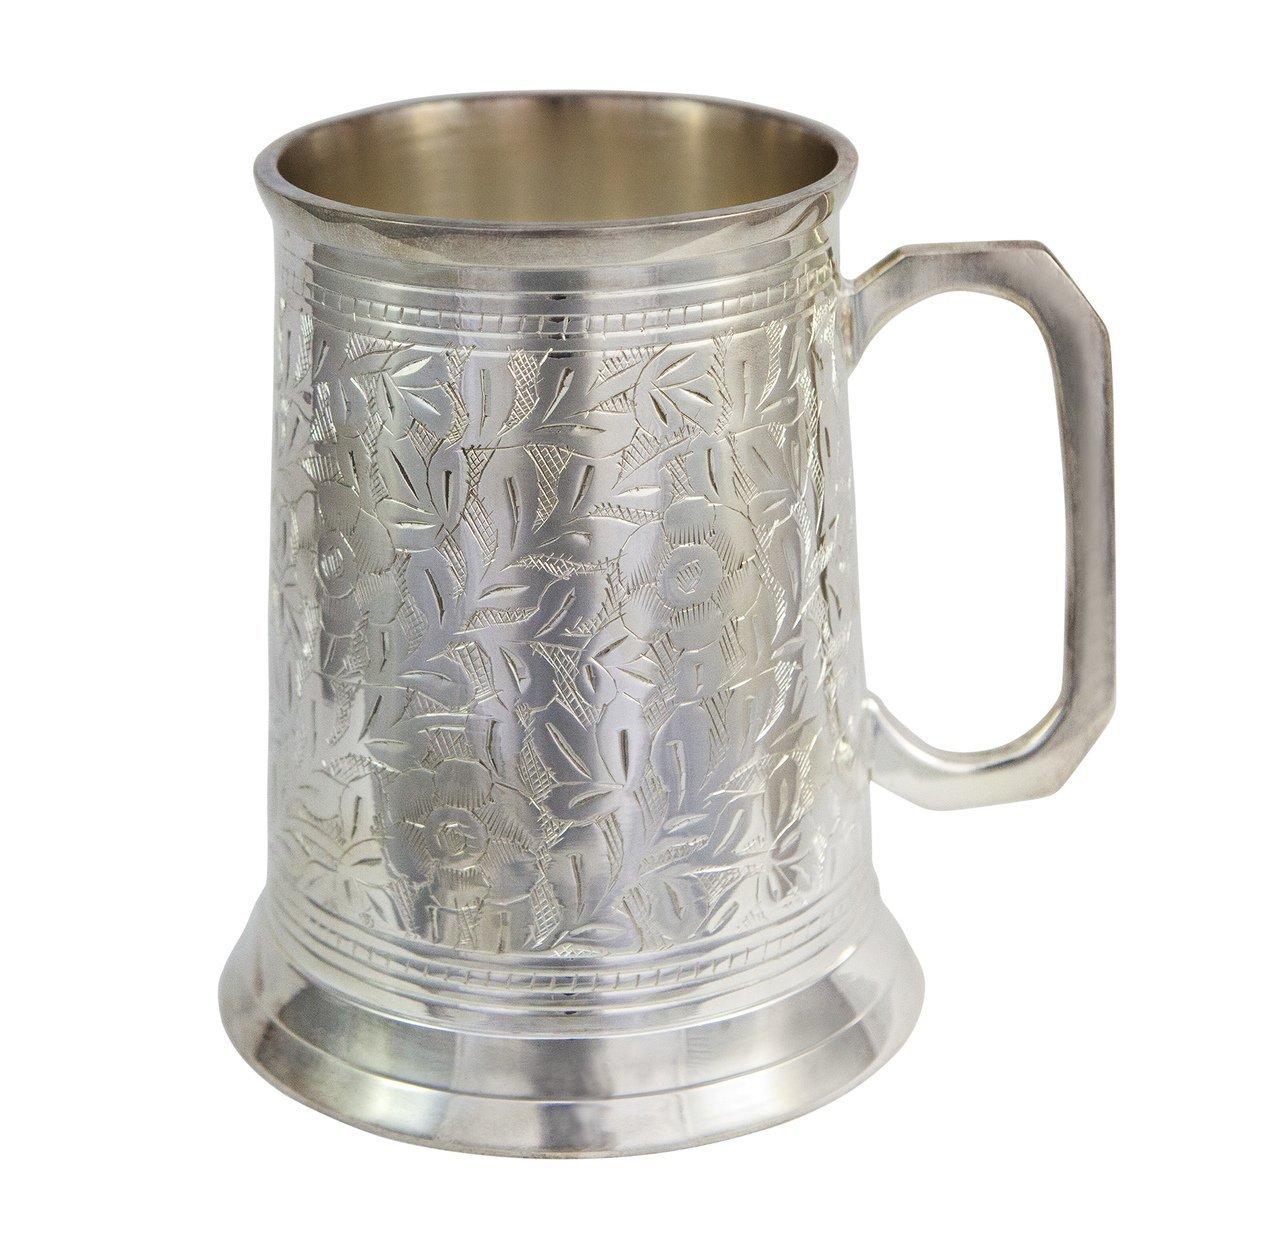 Alchemade Antique Beer Stein, 20 oz, Silver 2520